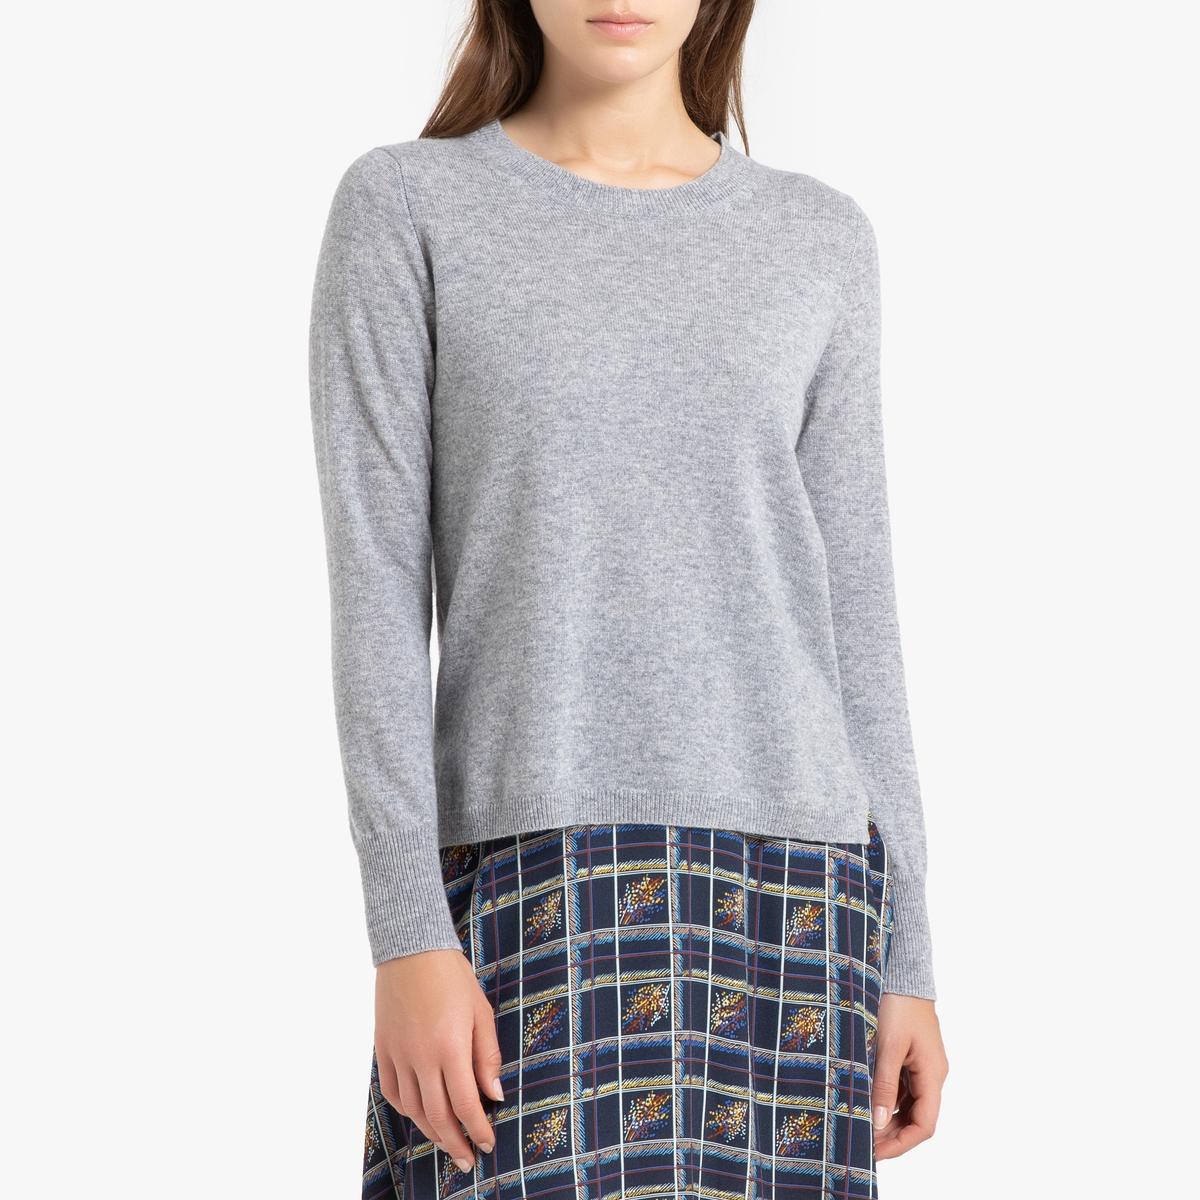 цена на Пуловер La Redoute Кашемировый с круглым вырезом из тонкого трикотажа ROSE 1(S) серый